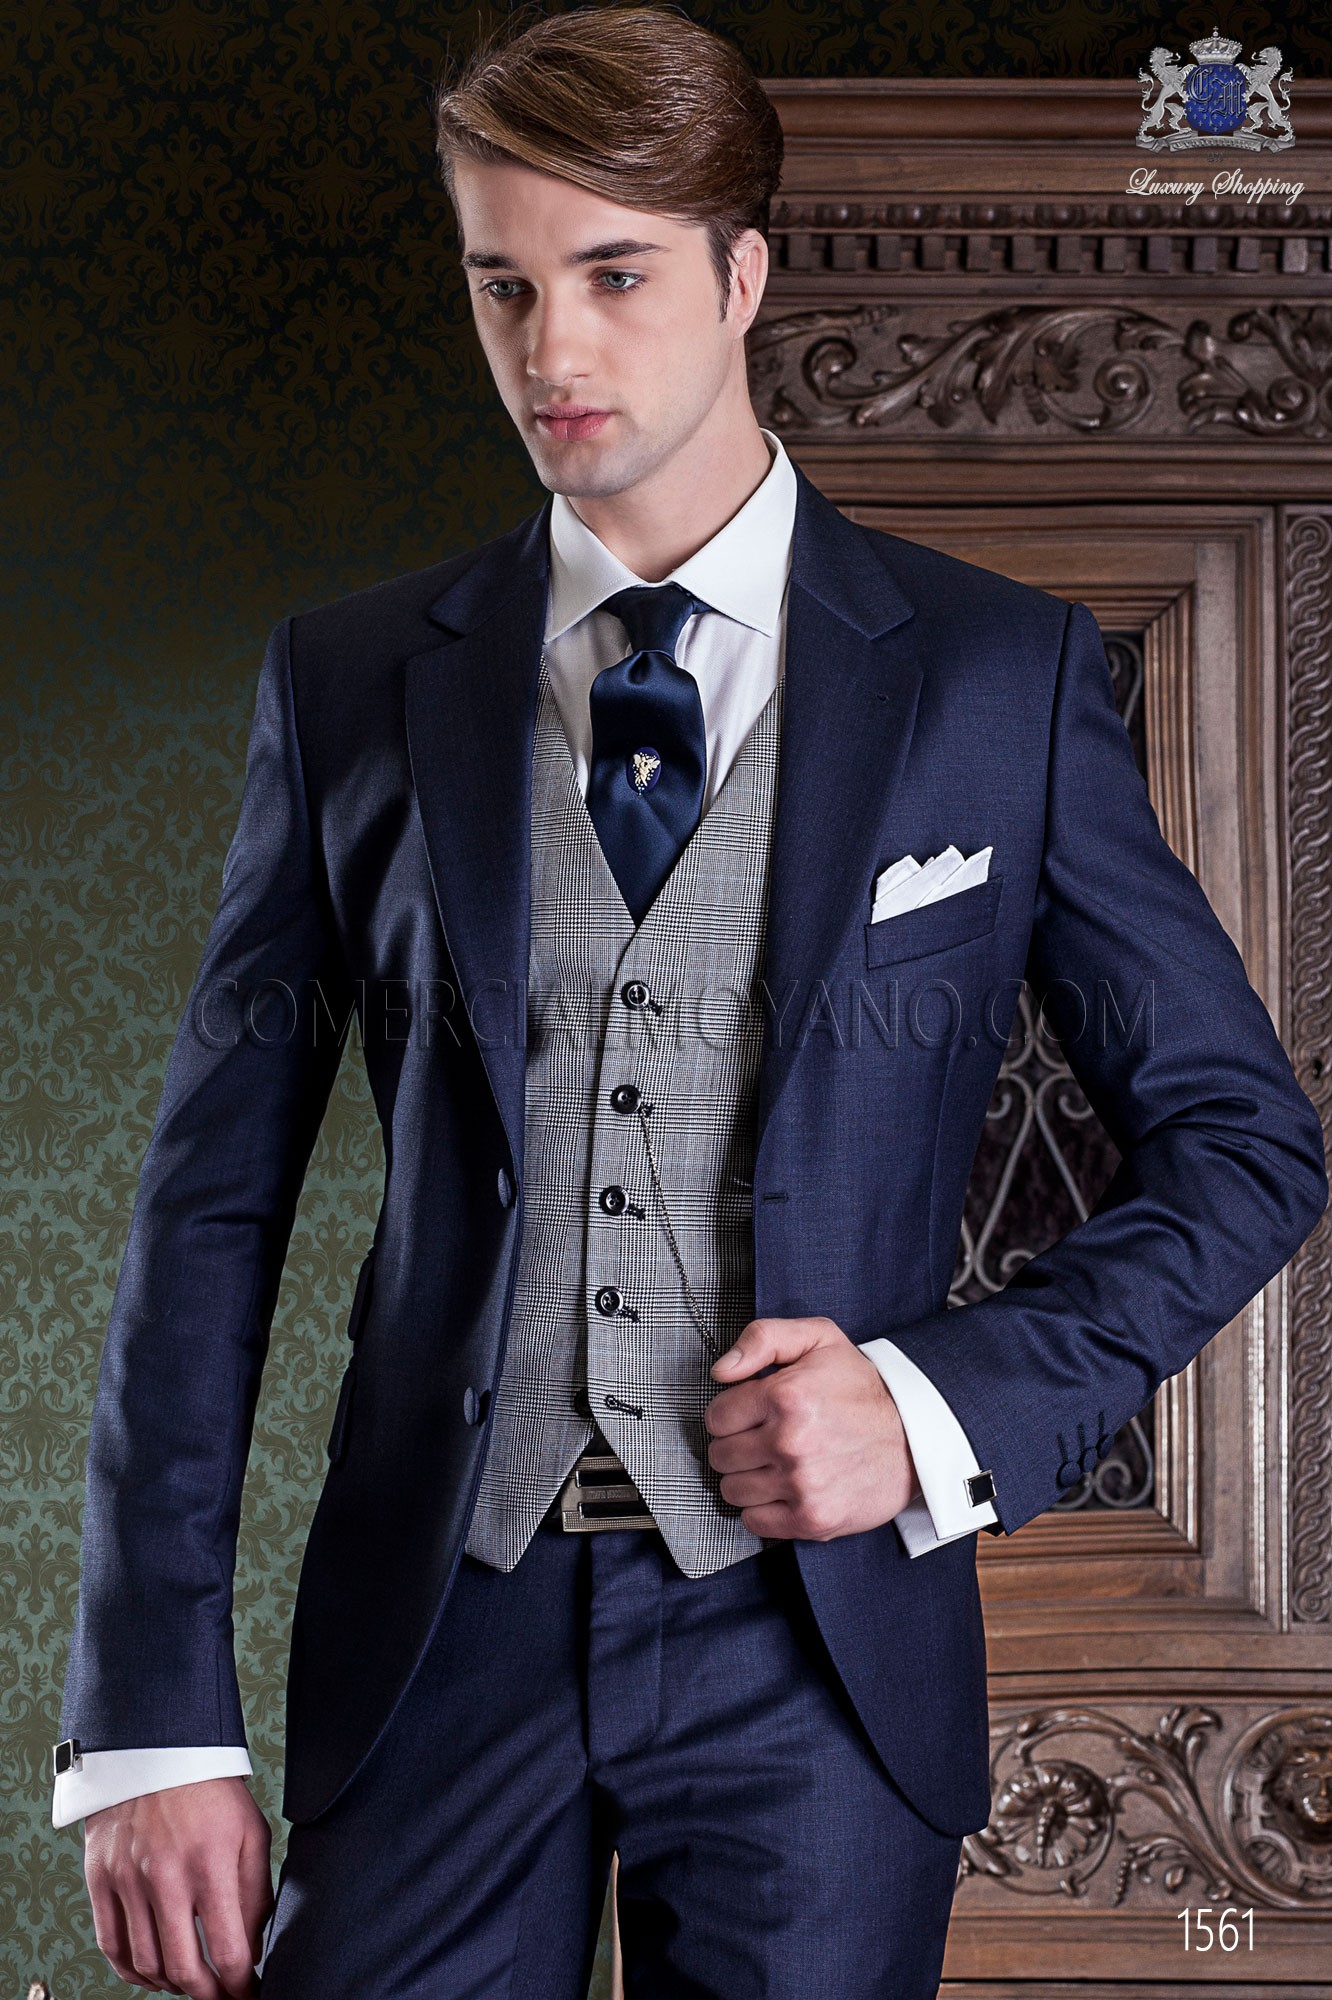 d1b0c7c63b Traje de novio azul marino elegante corte italiano Ottavio Nuccio Gala